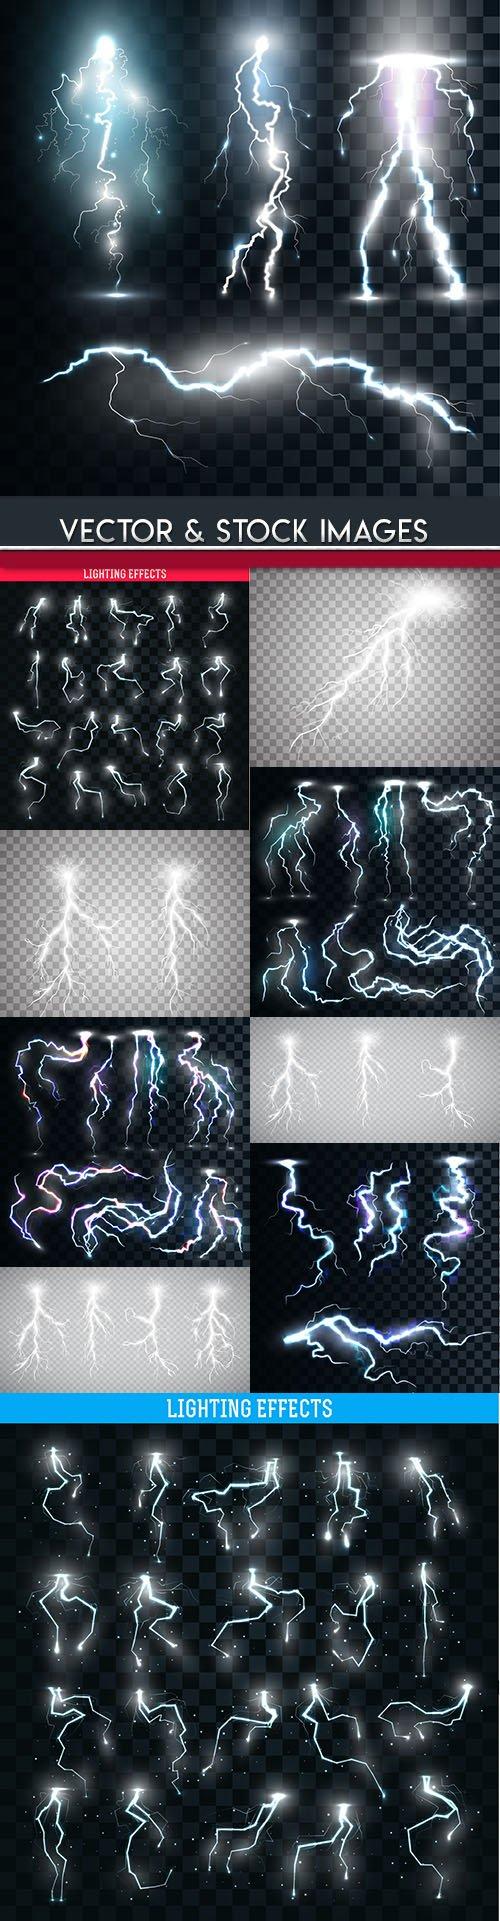 Lightning natural and light effects design illustration